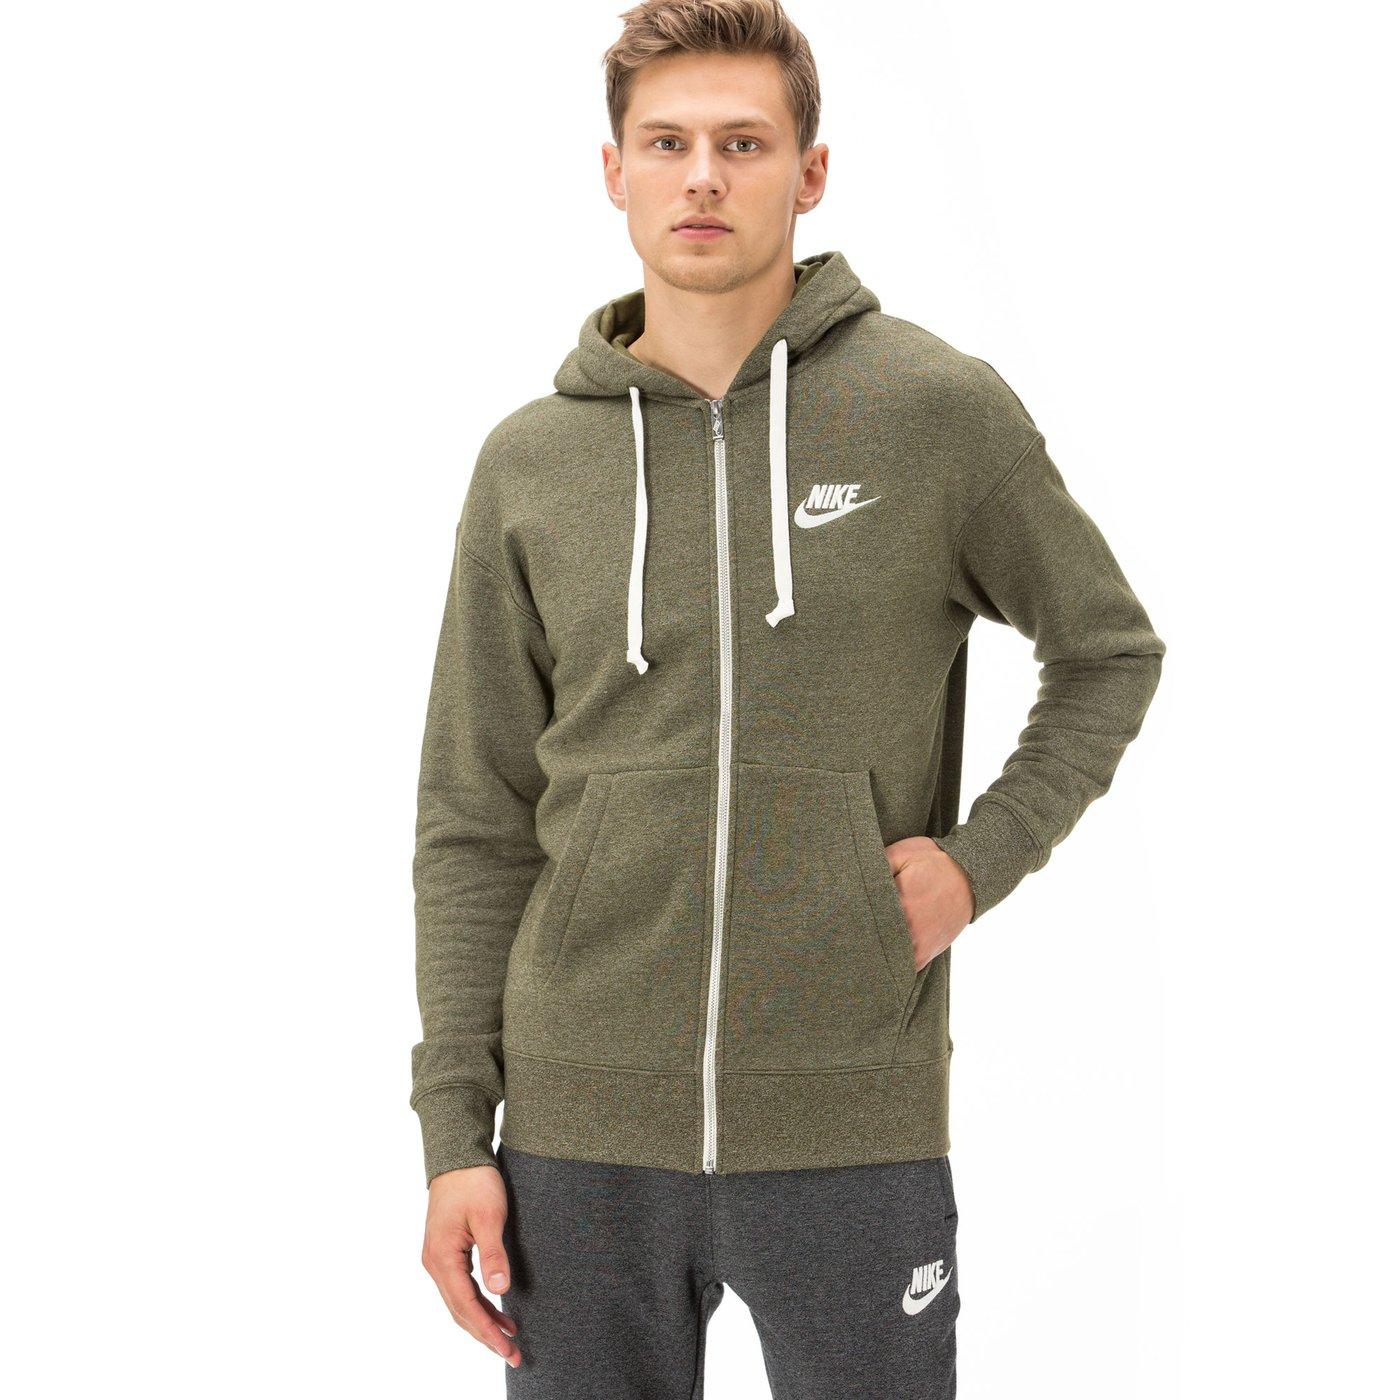 Nike Heritage Erkek Yeşil Fermuarlı Sweatshirt